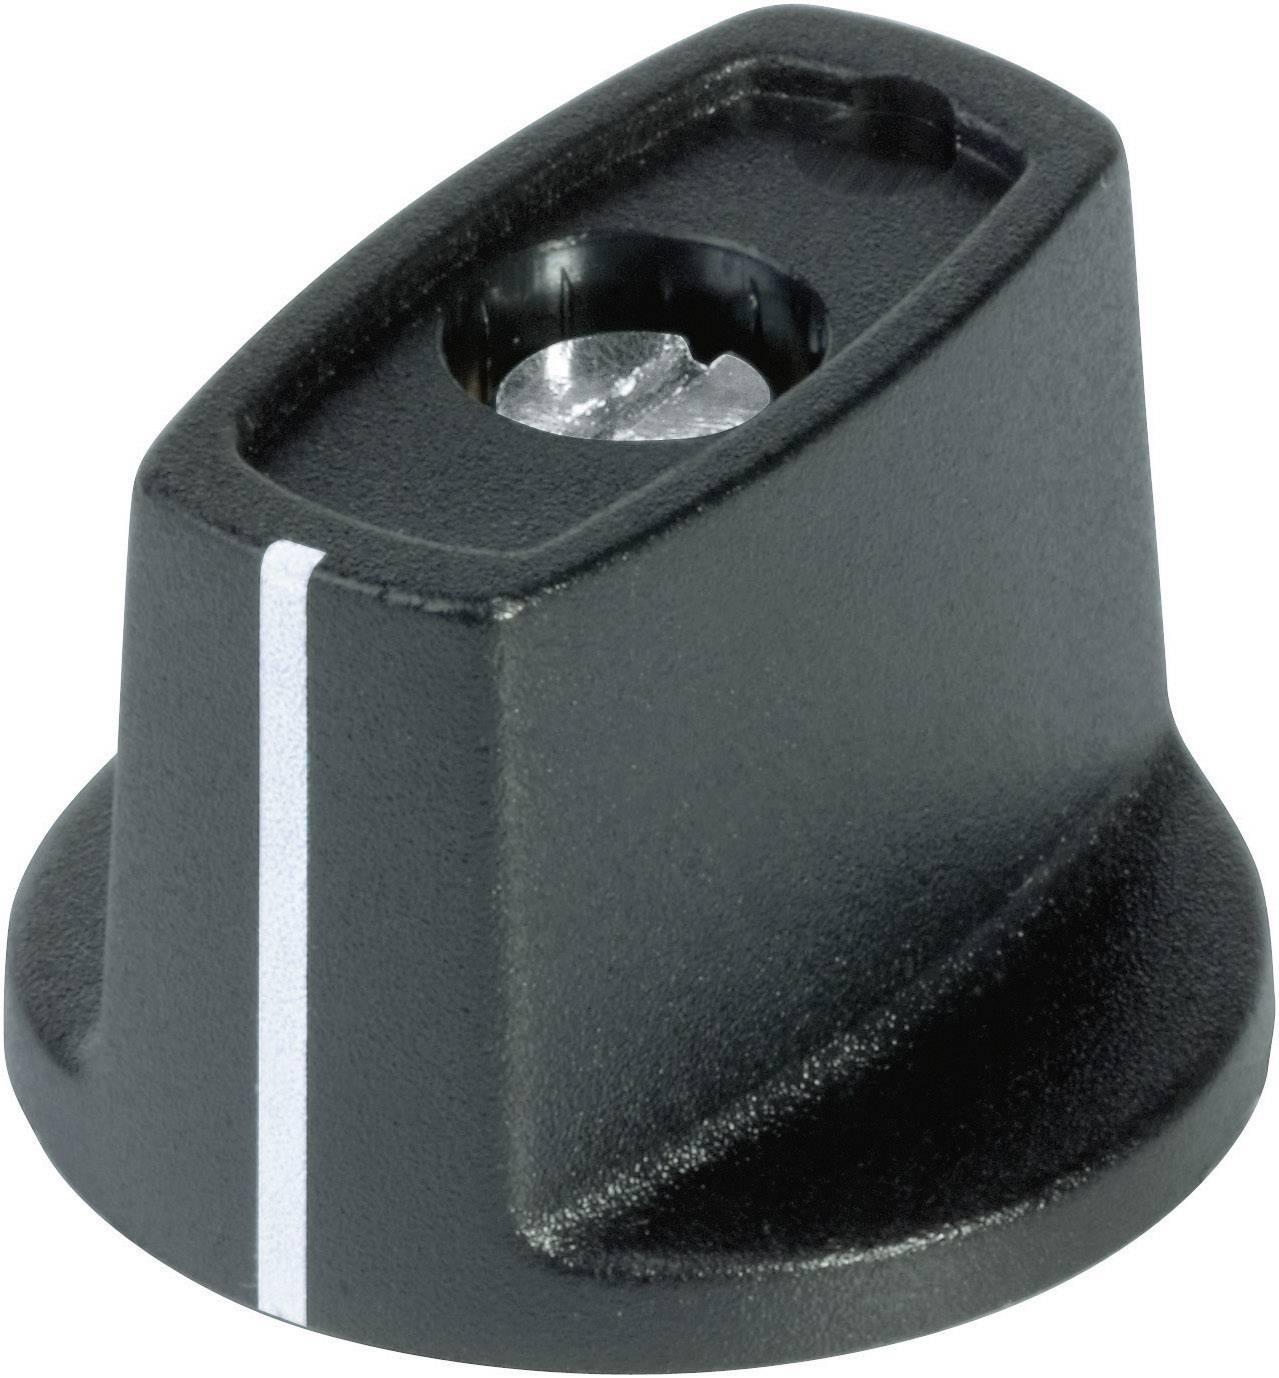 Otočný knoflík s ukazatelem (/O 16 mm) OKW, 4 mm, černá